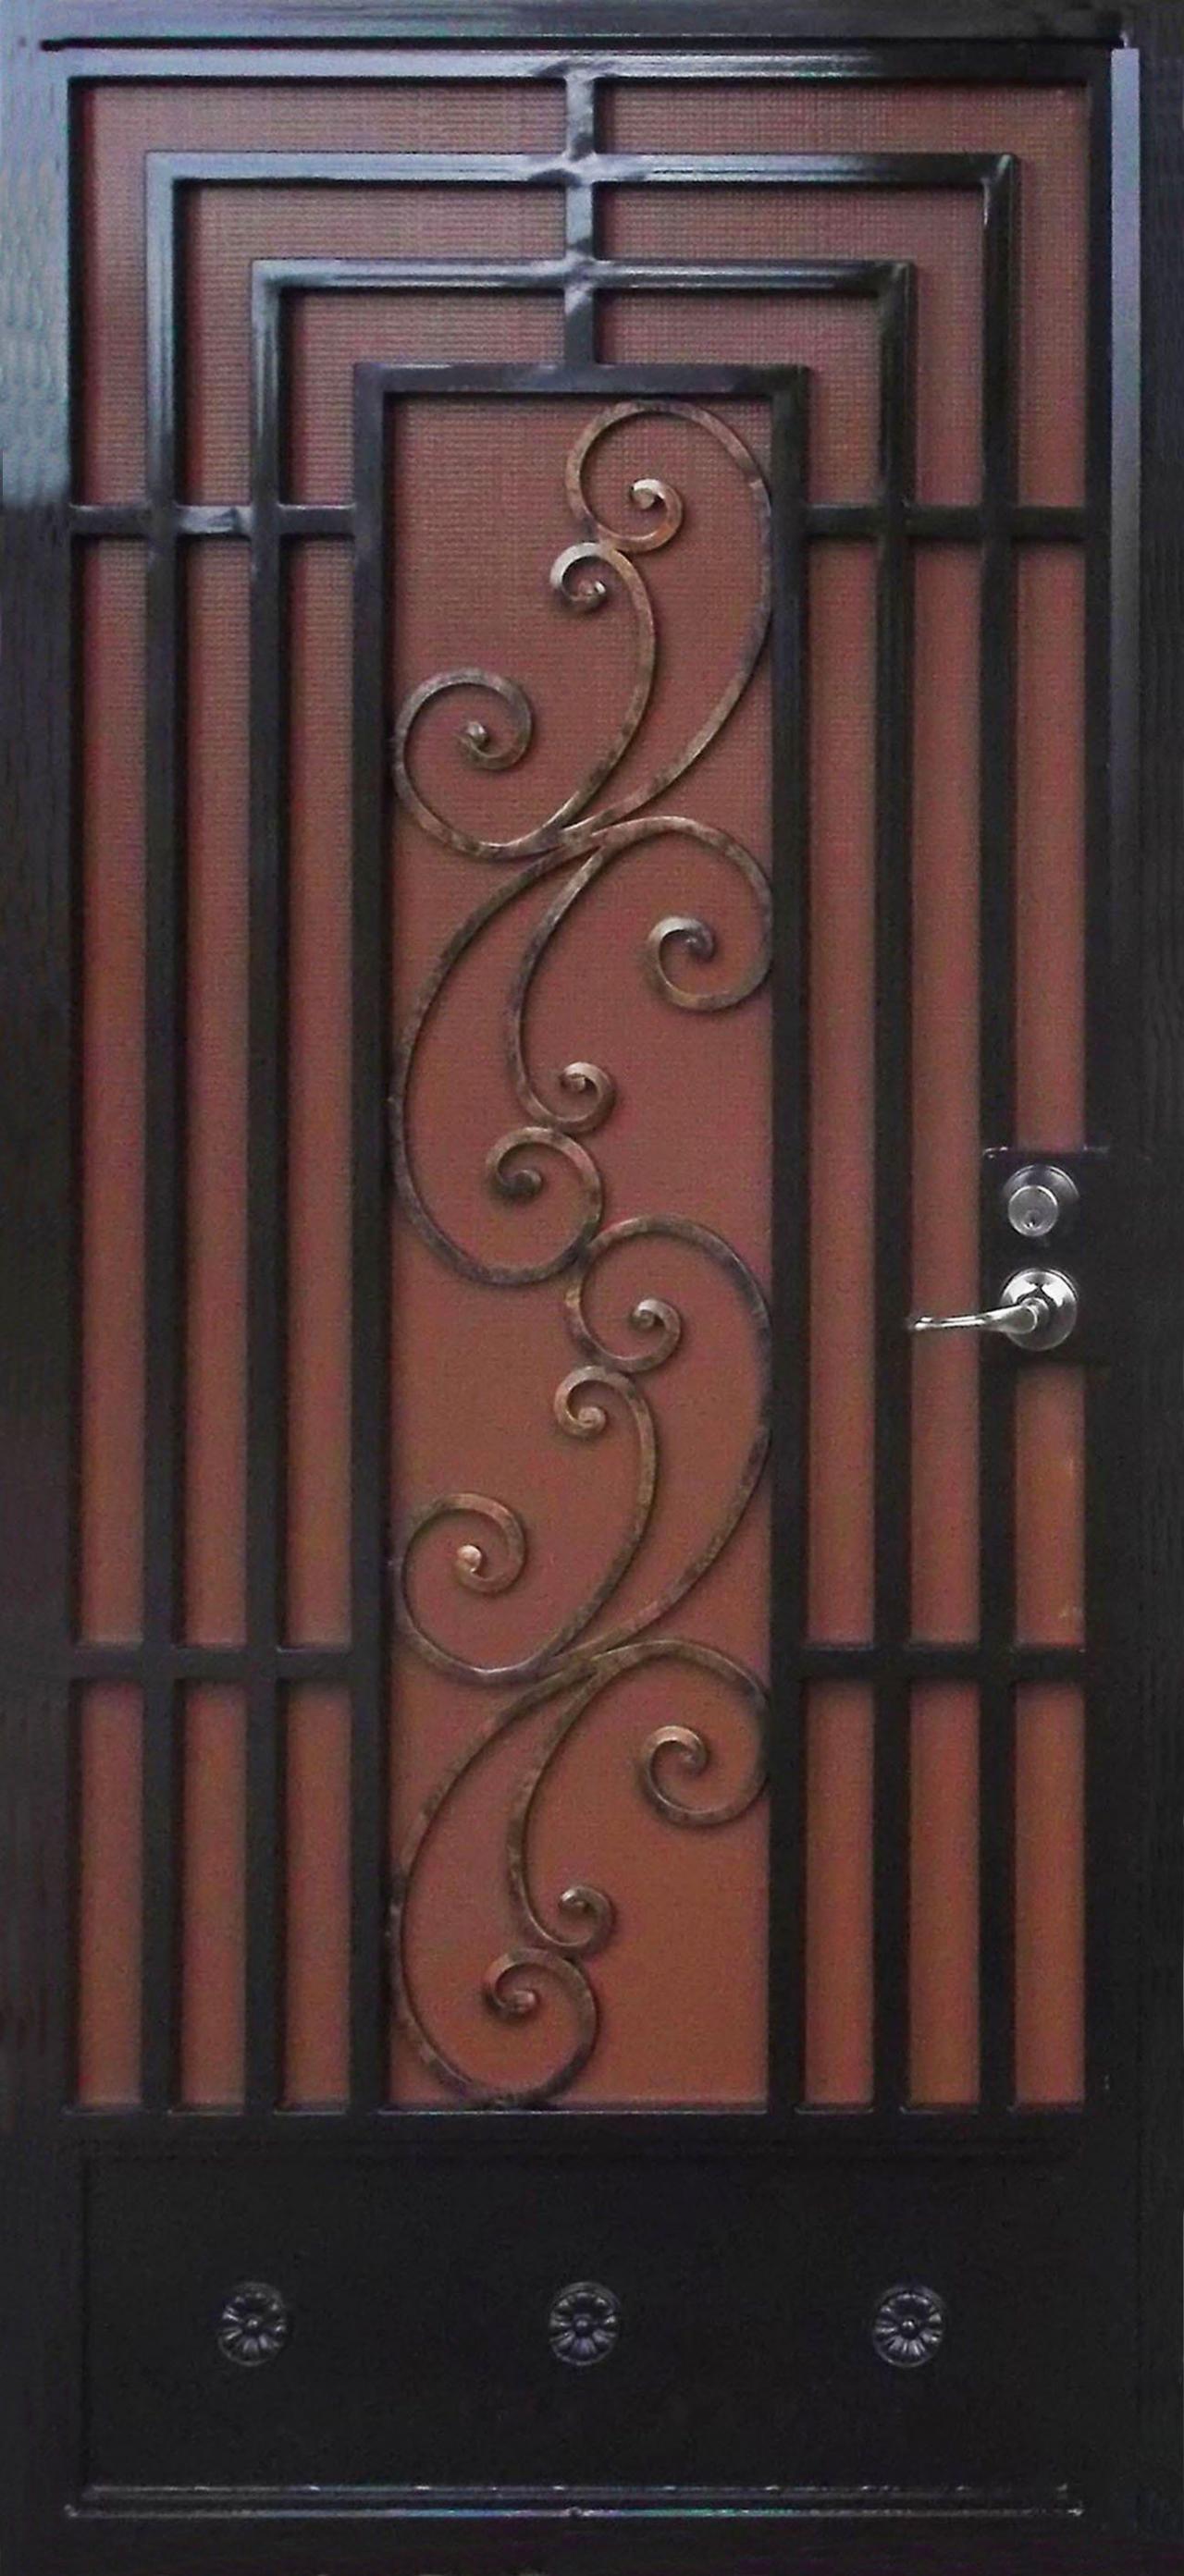 صورة كتالوج بوابات حديد للمنازل , البوابات العصريه والفخمه لامنازل